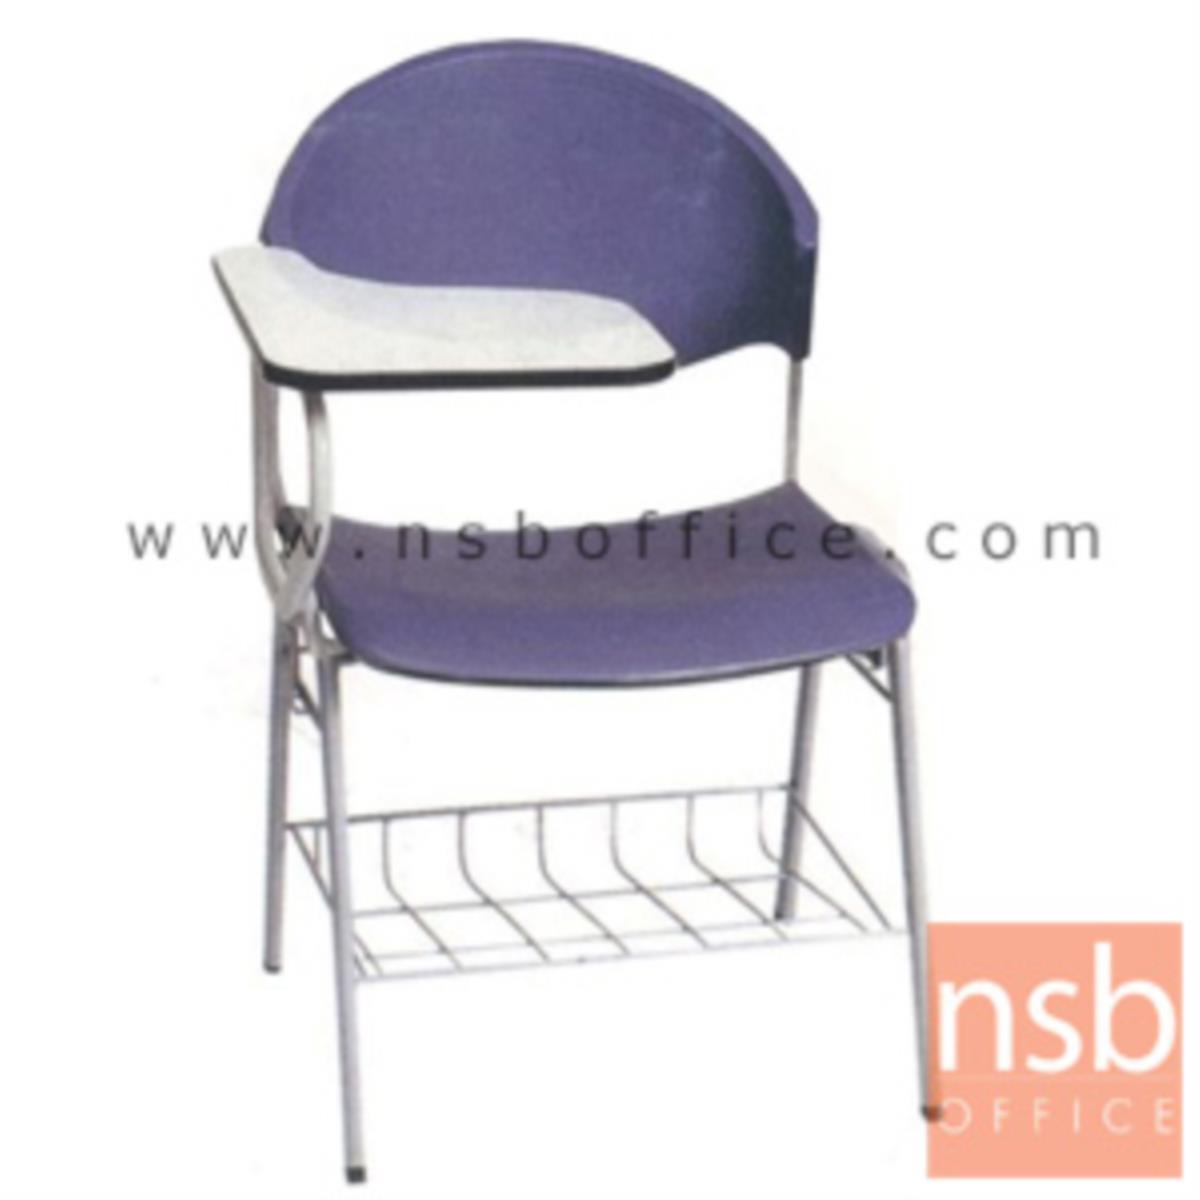 เก้าอี้เลคเชอร์เฟรมโพลี่ รุ่น C580 (มีตะแกรงวางของ) ขาเหล็กพ่นสี